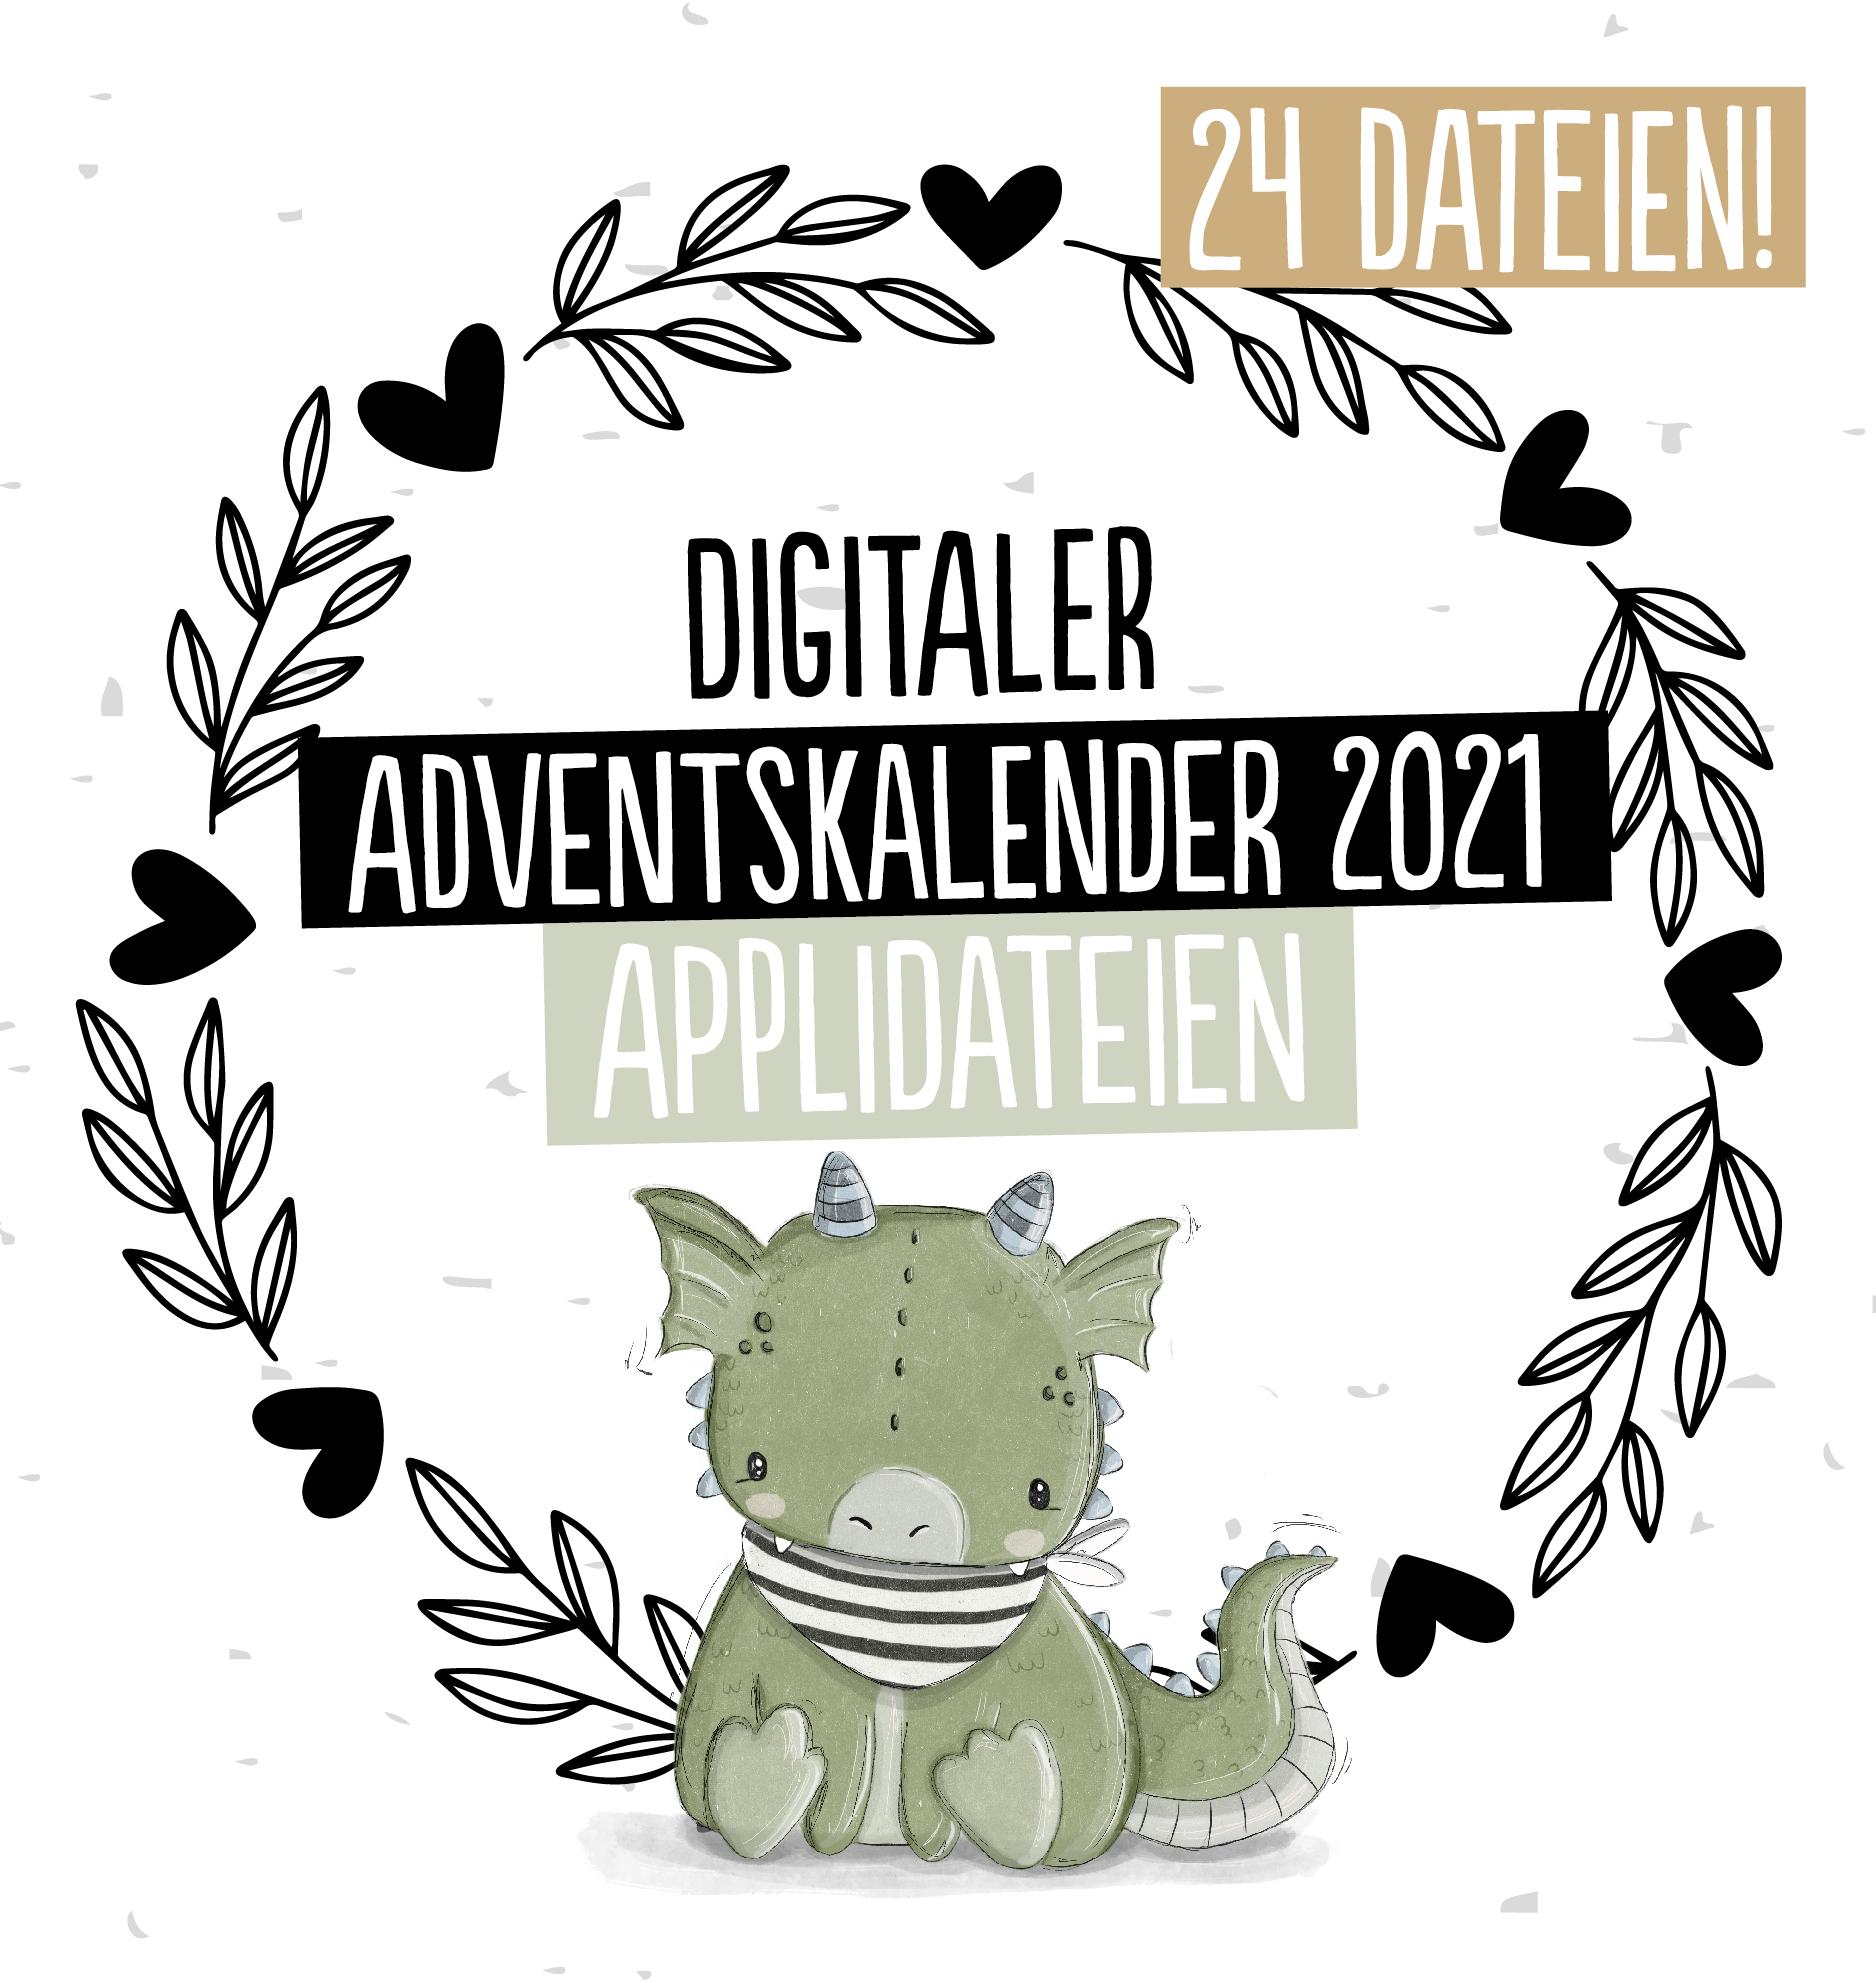 Applikationsvorlagen Adventskalender Paul & Clara 2021